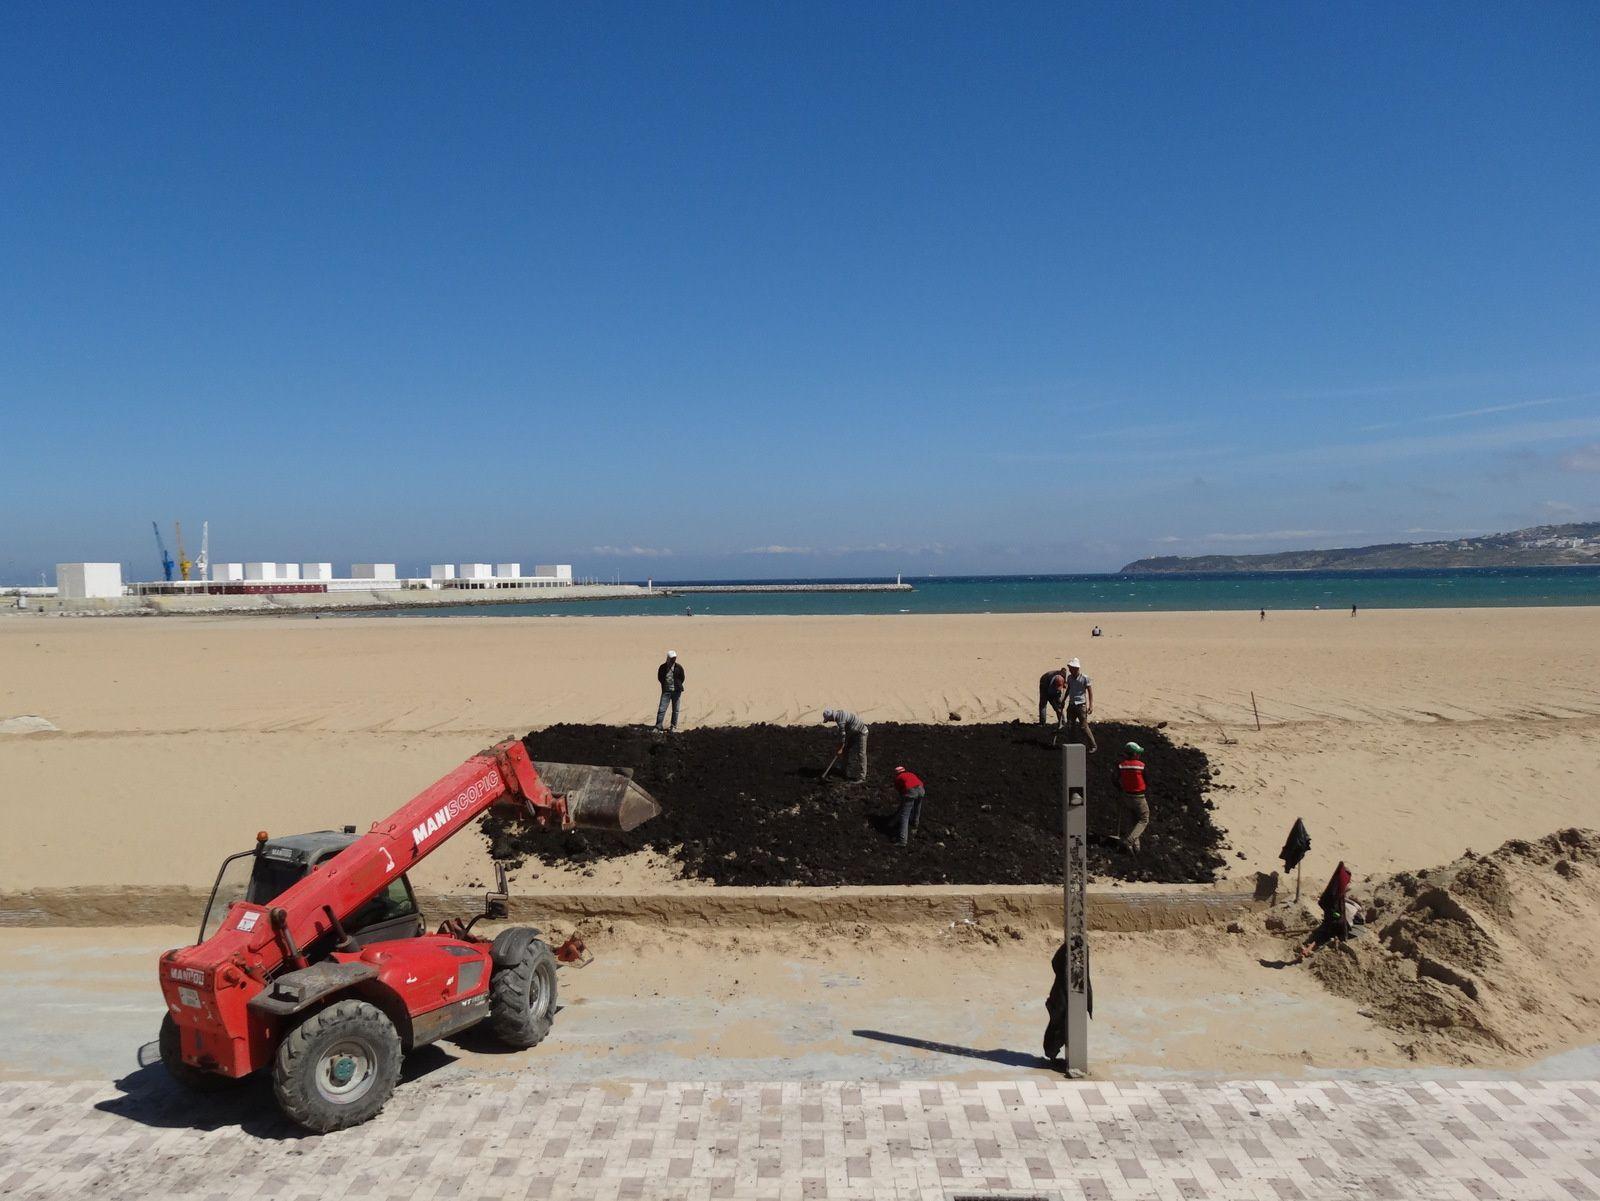 Un essai d'engazonnement du bord de la plage de sable à Tanger ??